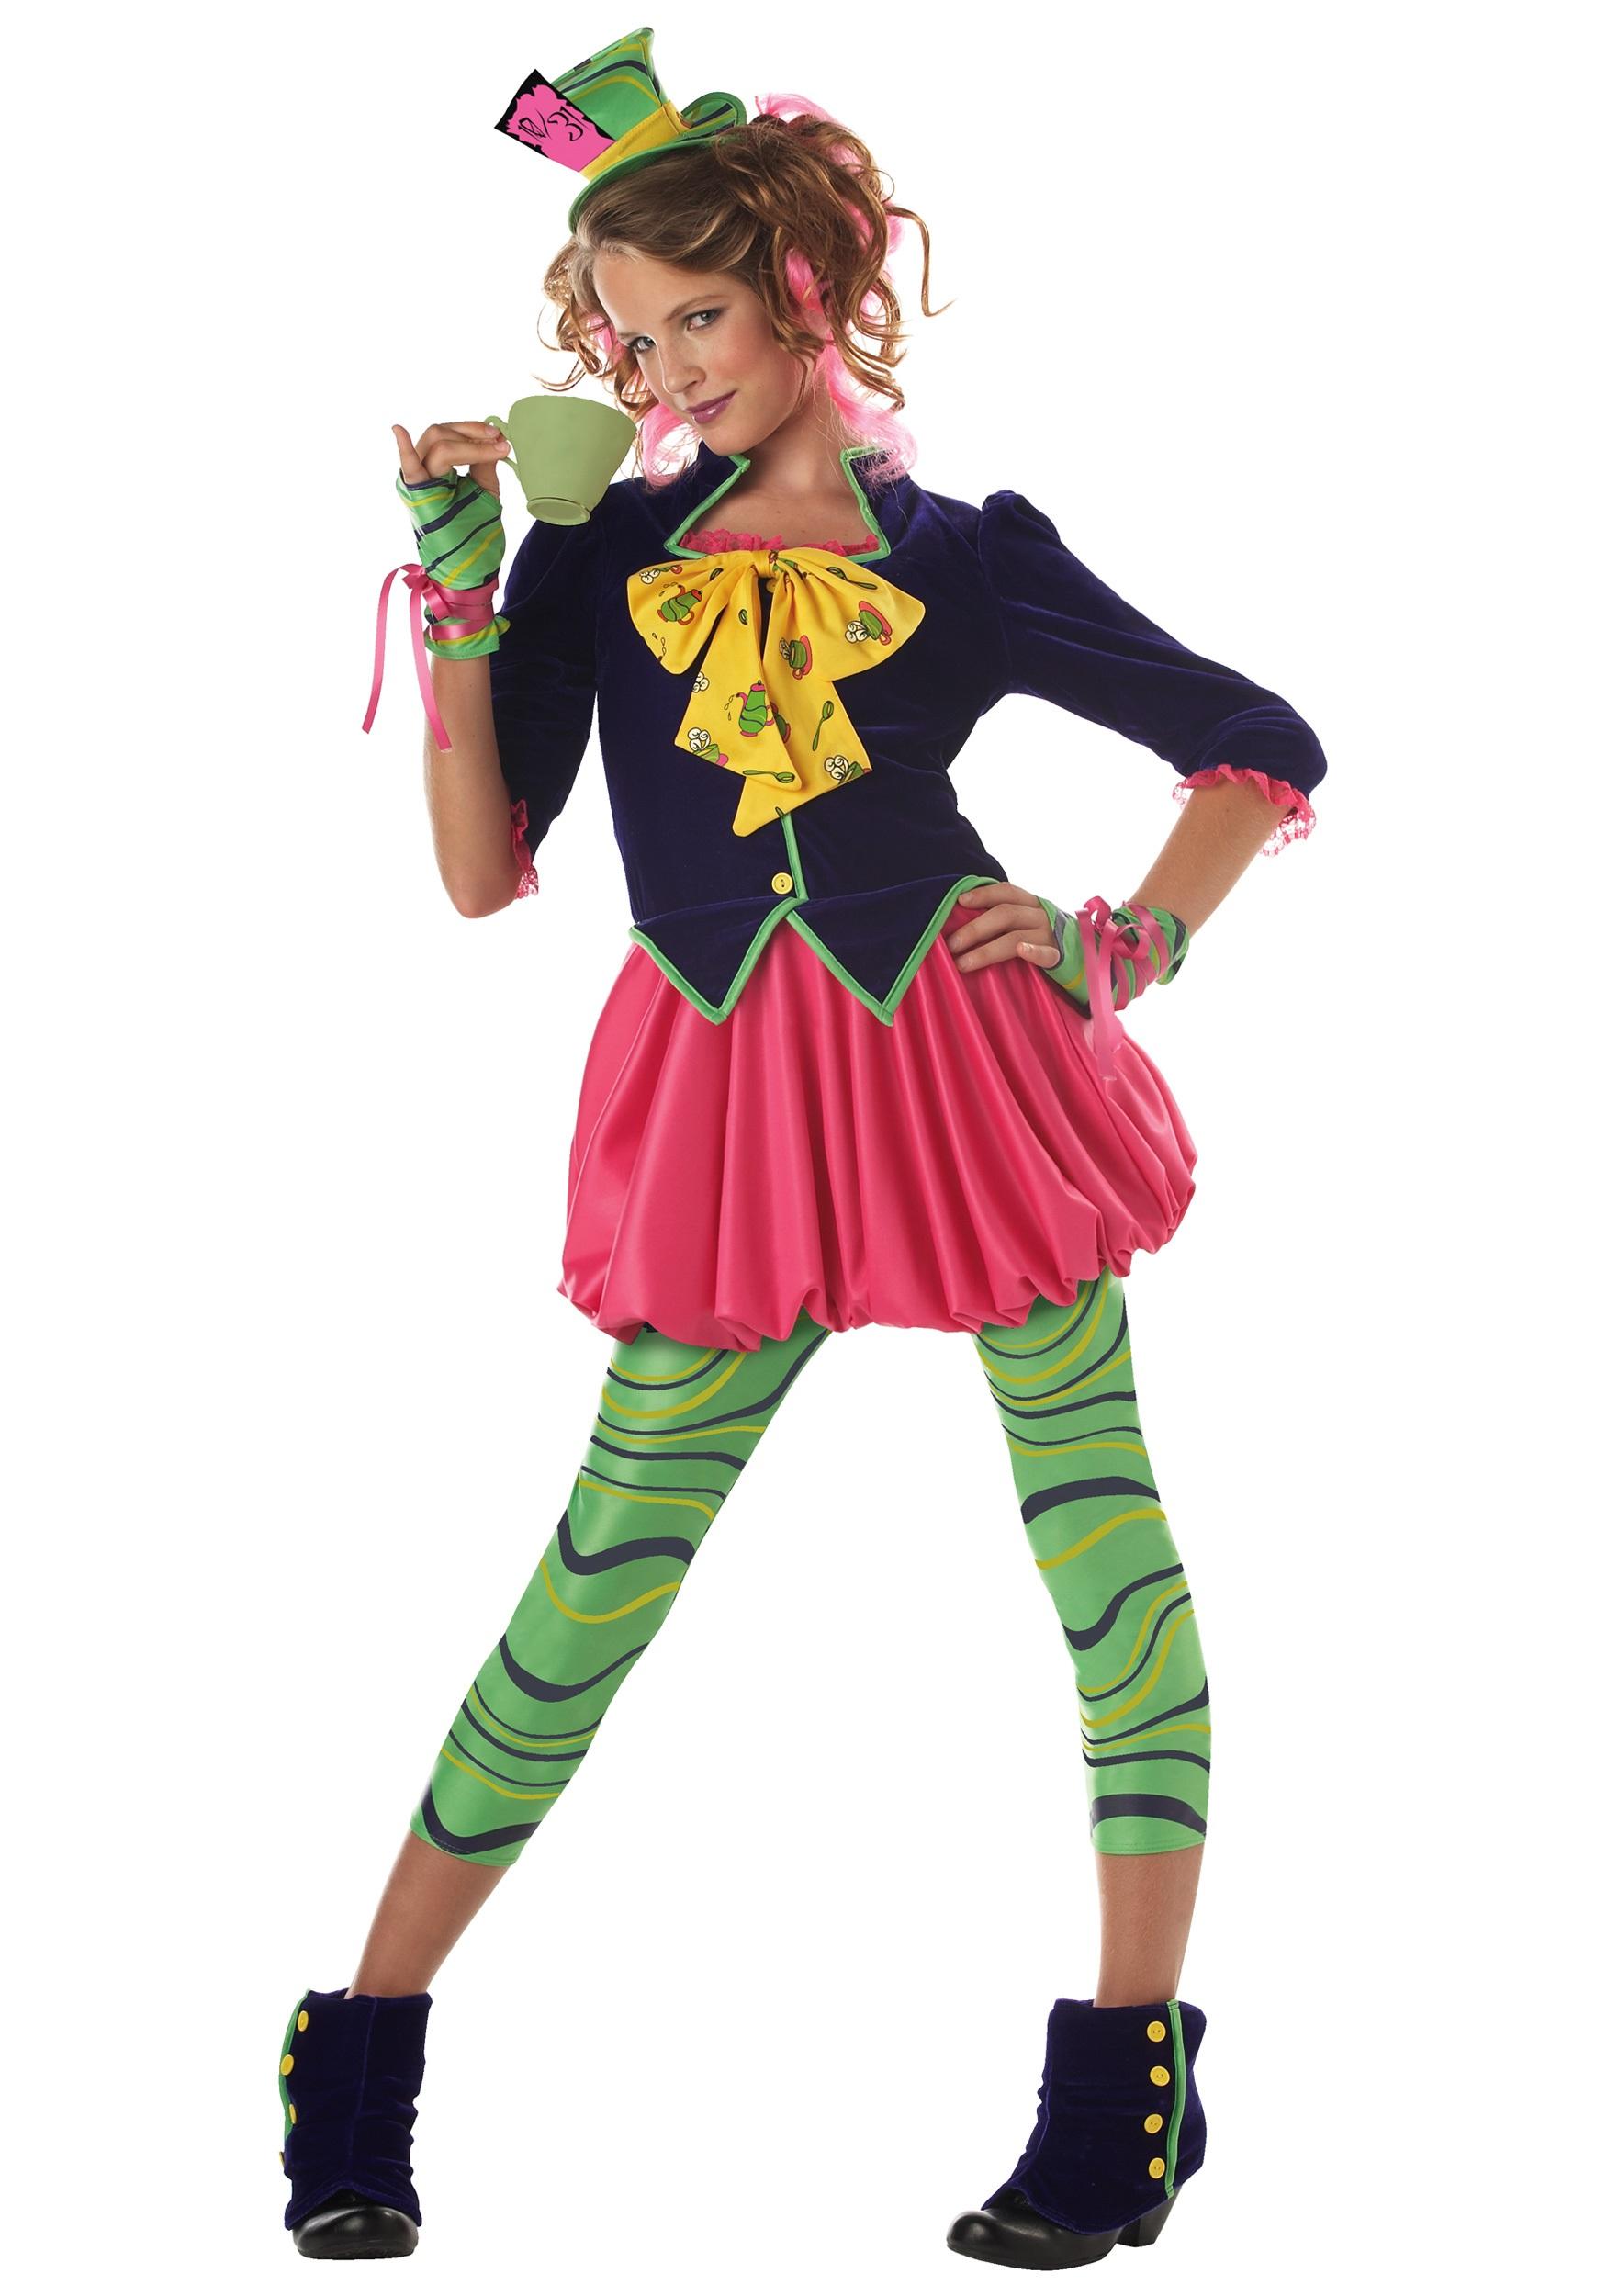 Tween Wonderland Miss Mad Hatter Costume  sc 1 st  Fun.com & Girls Tween Wonderland Miss Mad Hatter Costume